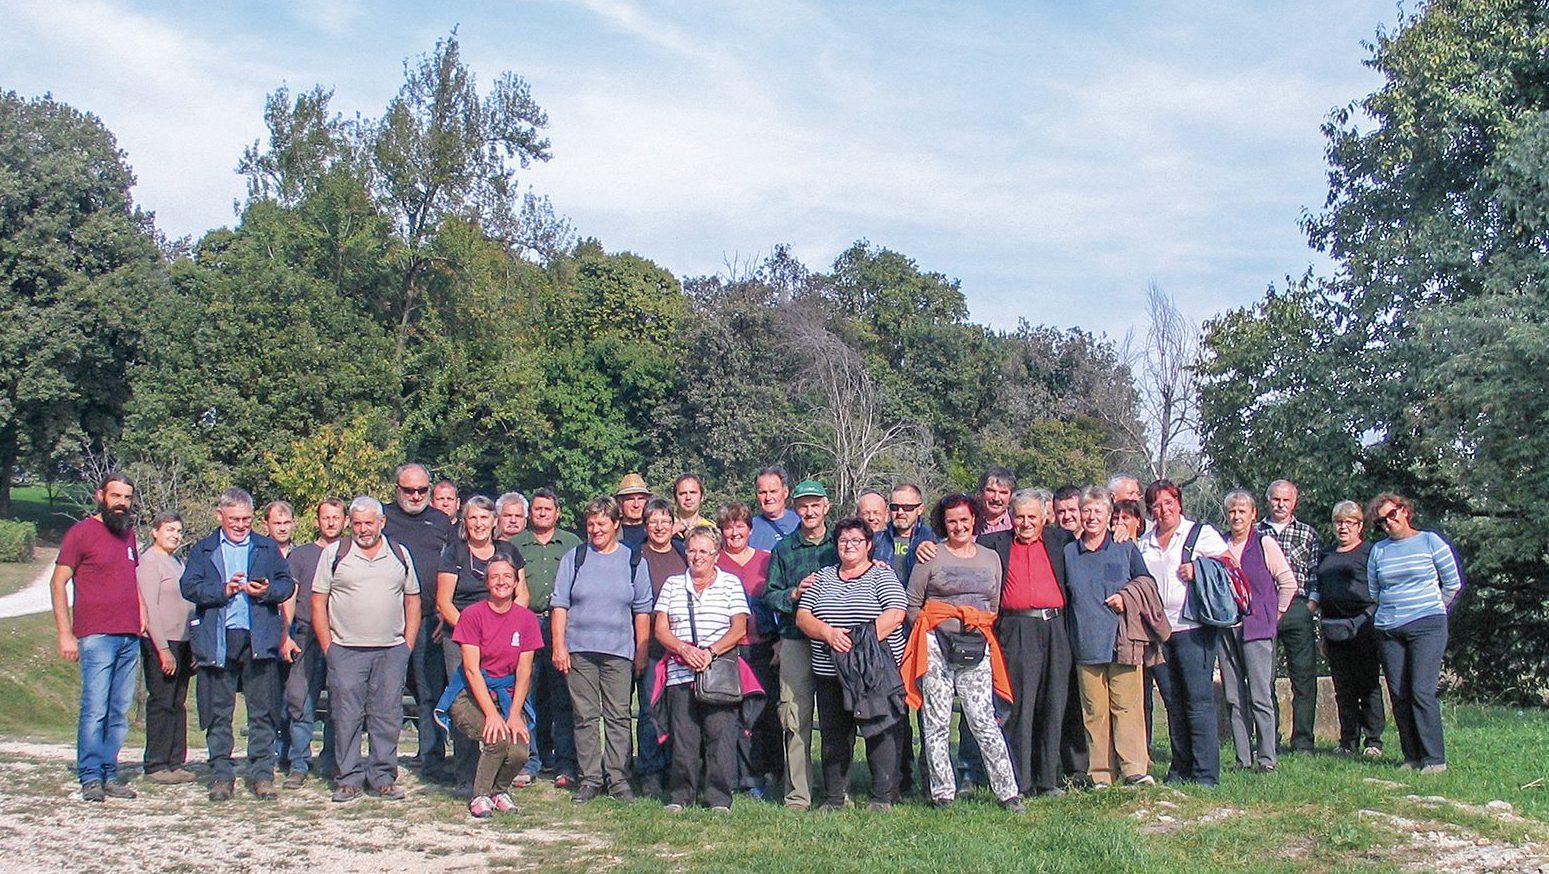 Skupinska slika v parku San Floriano